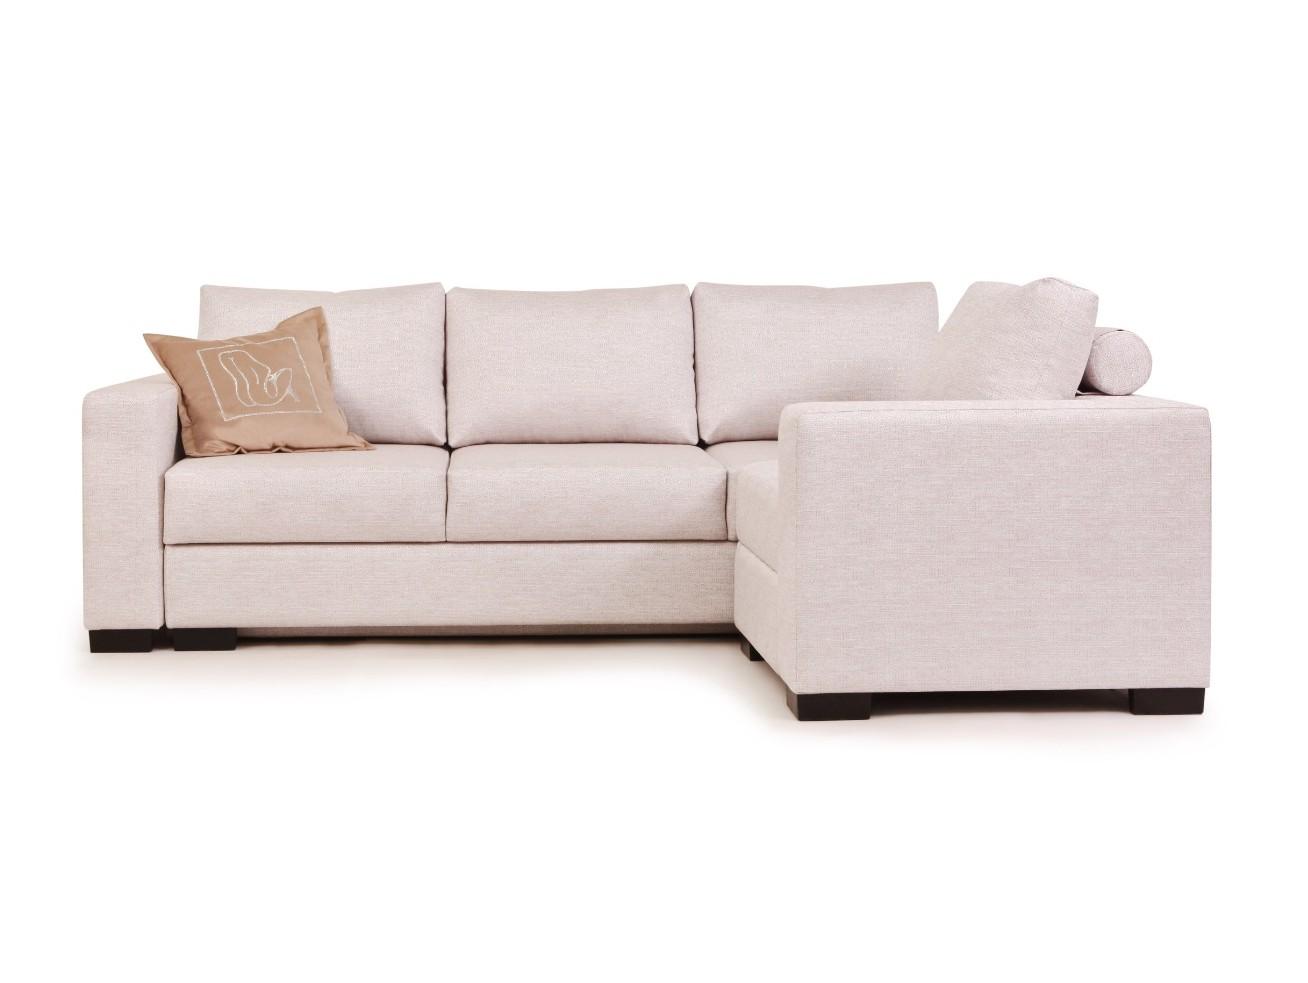 Диван СофияПрямые раскладные диваны<br>Строгая и современная форма дивана &amp;quot;София&amp;quot; обязательно обратит Ваше внимание. Самостоятельные элементы позволят вам менять комплектацию - угловой диван или прямой и самостоятельное кресло.&amp;amp;nbsp;&amp;lt;div&amp;gt;&amp;lt;br&amp;gt;&amp;lt;/div&amp;gt;&amp;lt;div&amp;gt;Декоративные подушки в комплект не входят&amp;lt;br&amp;gt;&amp;lt;/div&amp;gt;&amp;lt;div&amp;gt;Большой выбор обивочных тканей&amp;amp;nbsp;(подробности уточняйте у менеджера).&amp;lt;/div&amp;gt;<br><br>Material: Текстиль<br>Ширина см: 250.0<br>Высота см: 90.0<br>Глубина см: 190.0